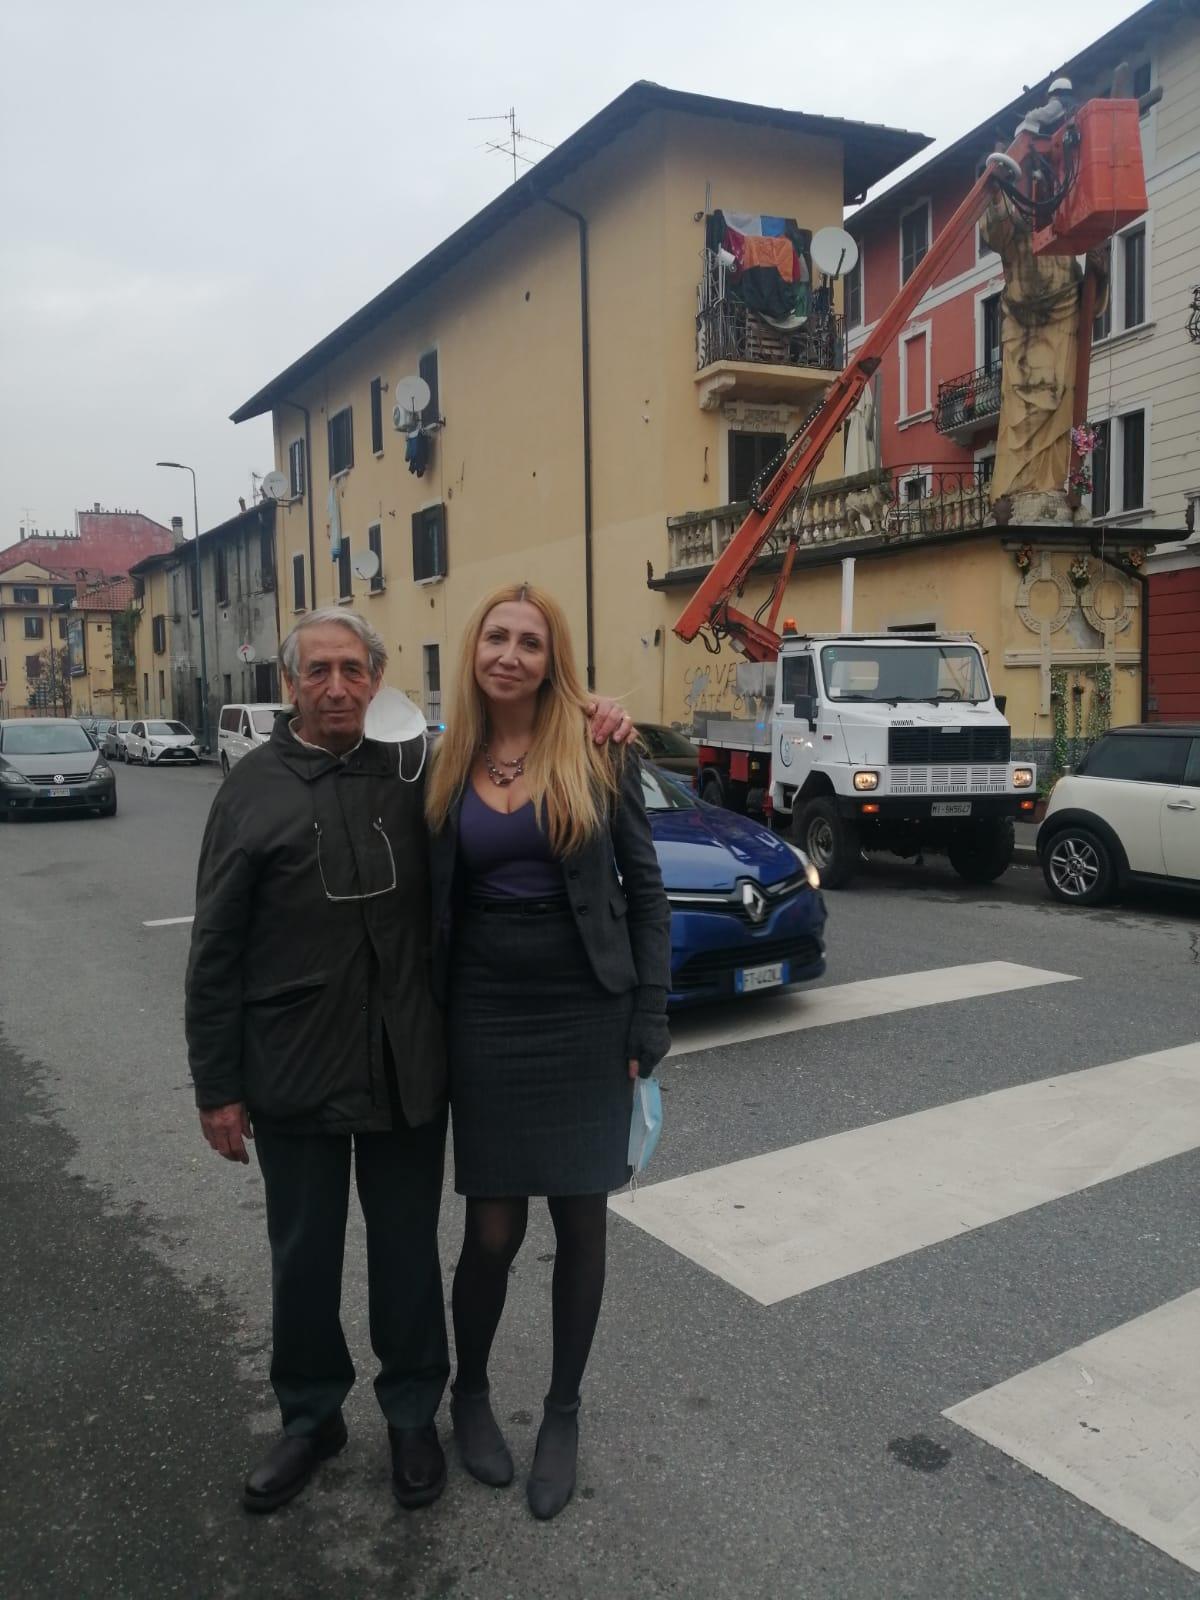 el cristun de cement, Roberto Saini, finanziatore, e Chiara Perazzi, promotrice dell'opera